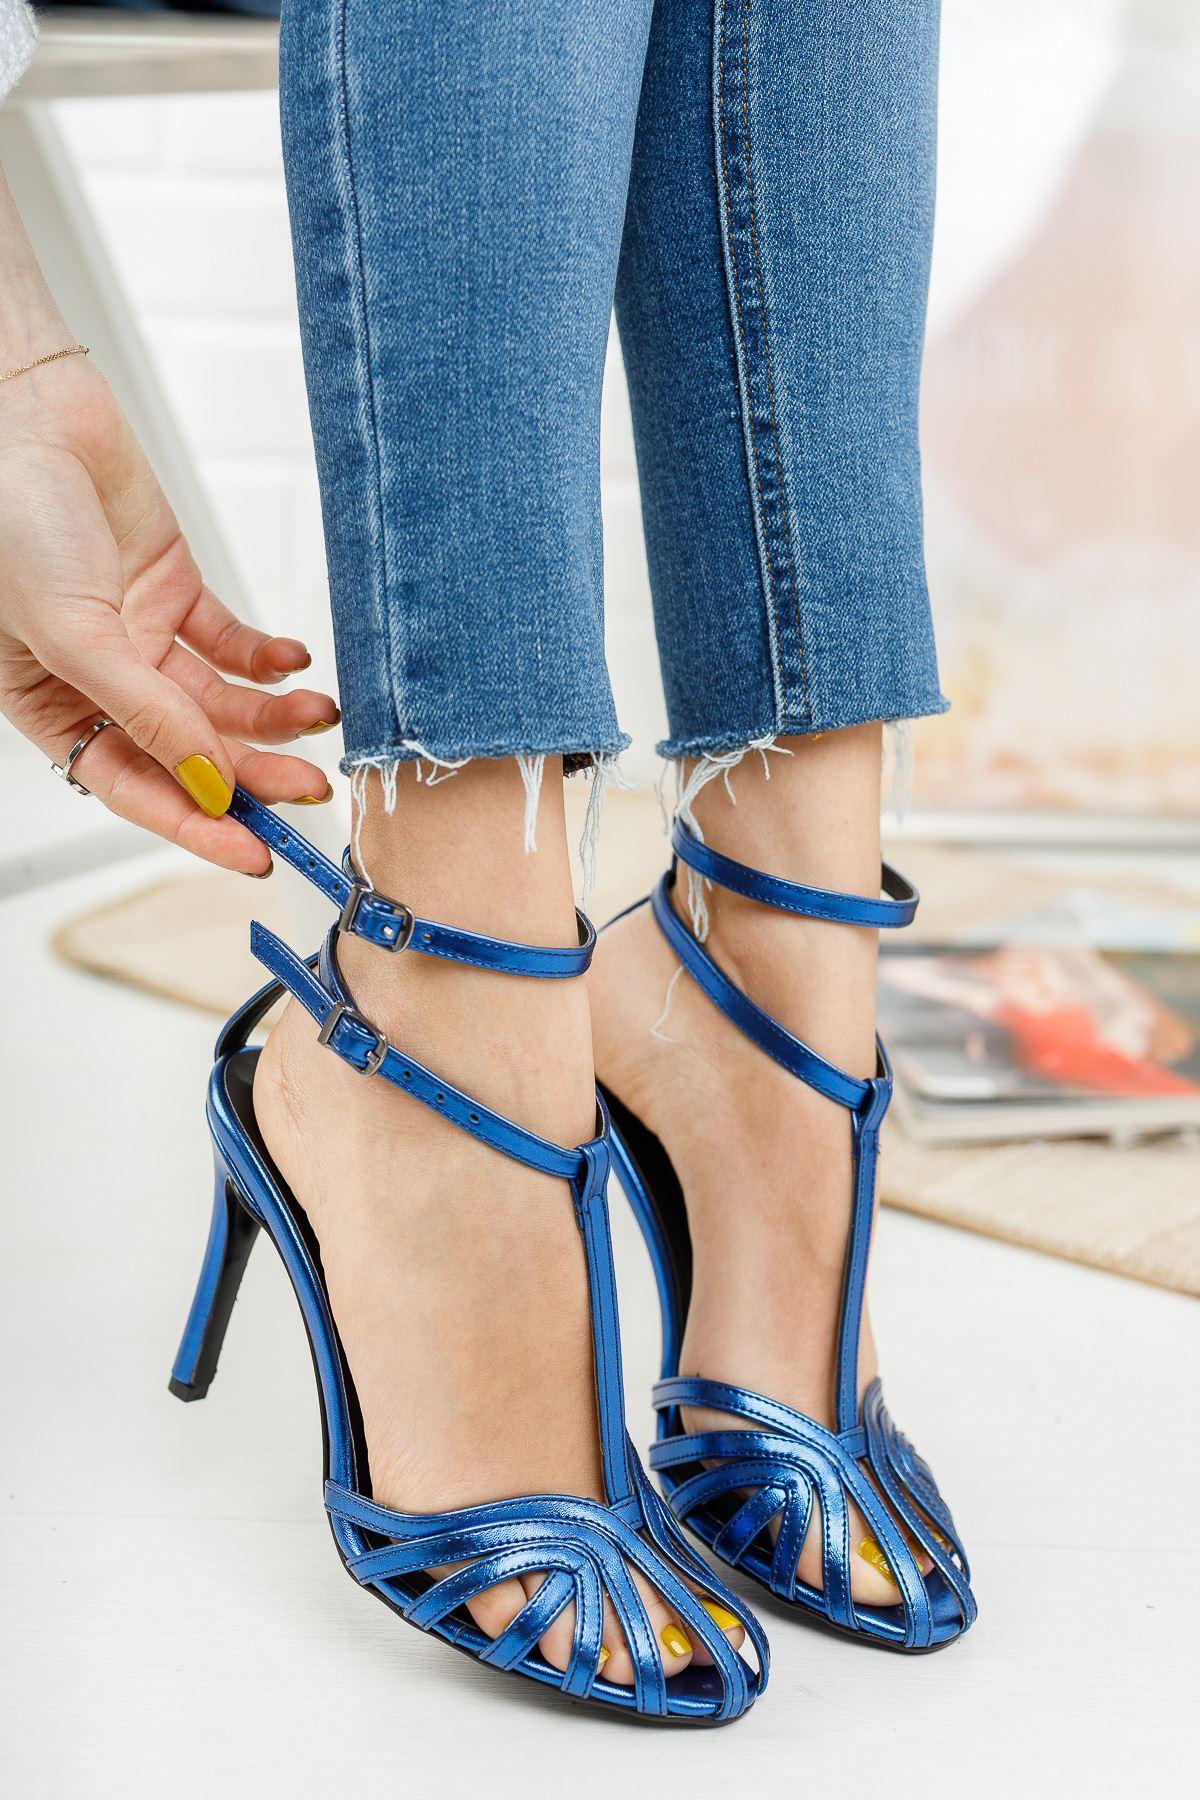 Farcos Sax Mavi Biyeli Çift Baret Tokalı Topuklu Kadın Ayakkabı